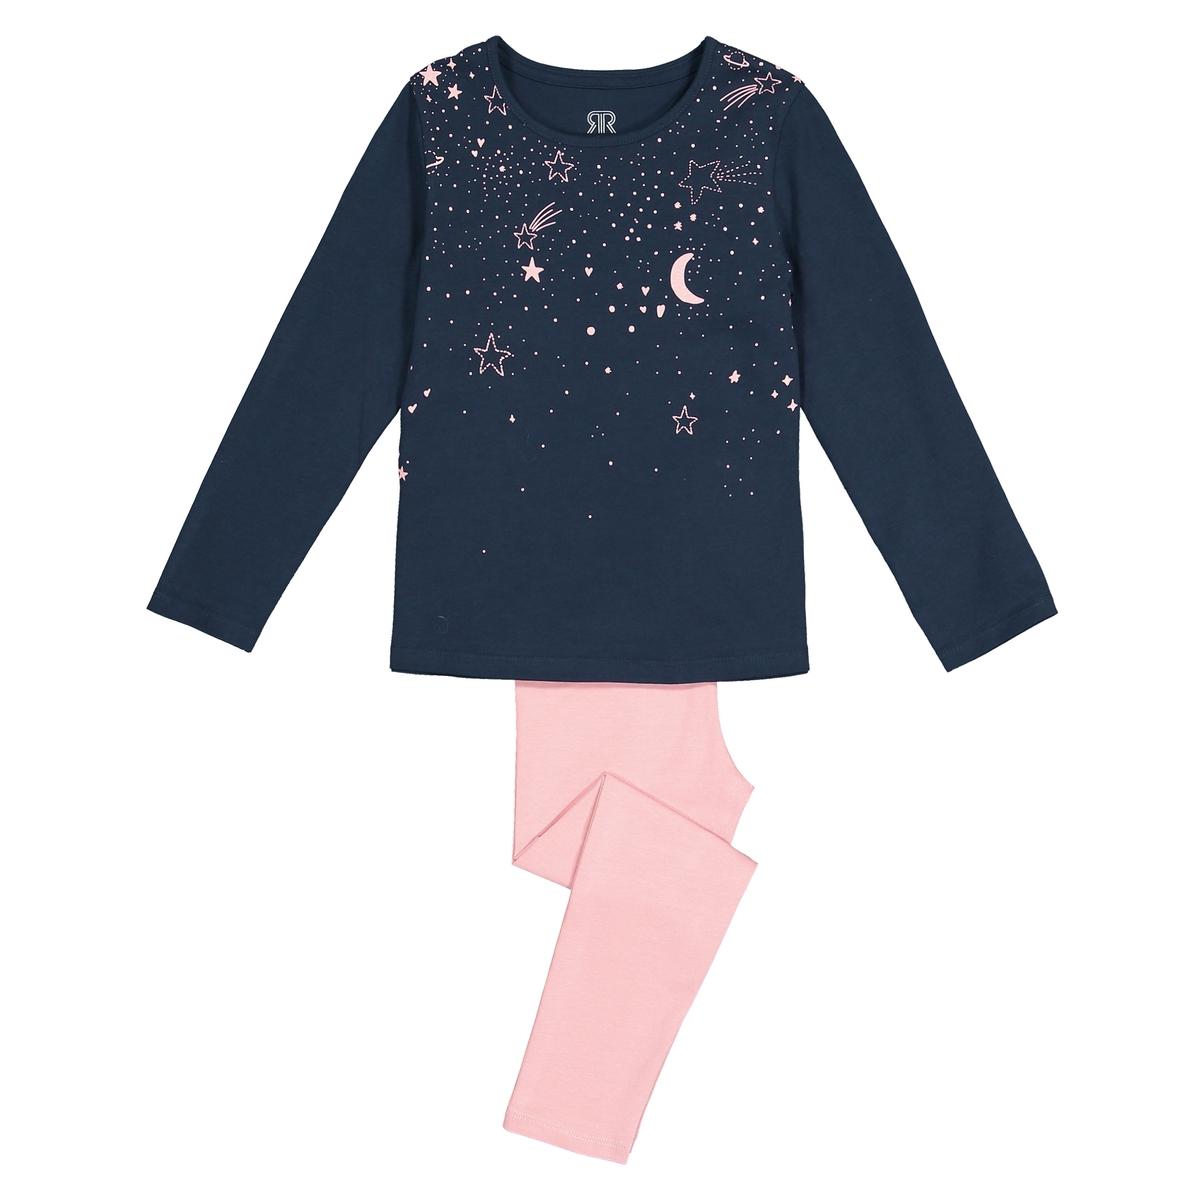 Pijama com galáxia estampada, 3-12 anos